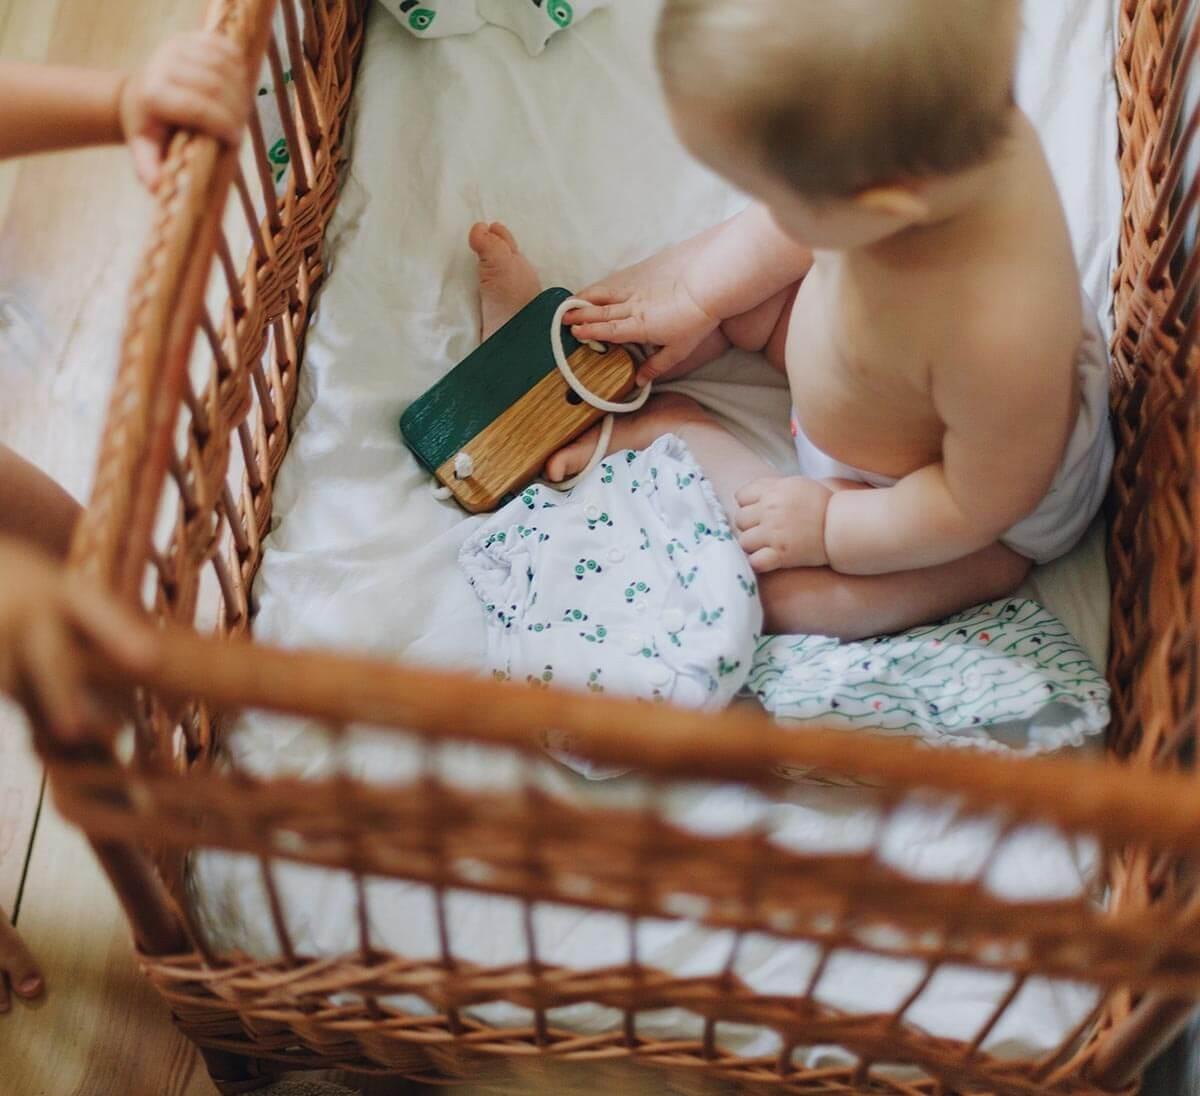 Blog Bambiboo - Jak rozpoznać i wyleczyć potówki u niemowlaka?